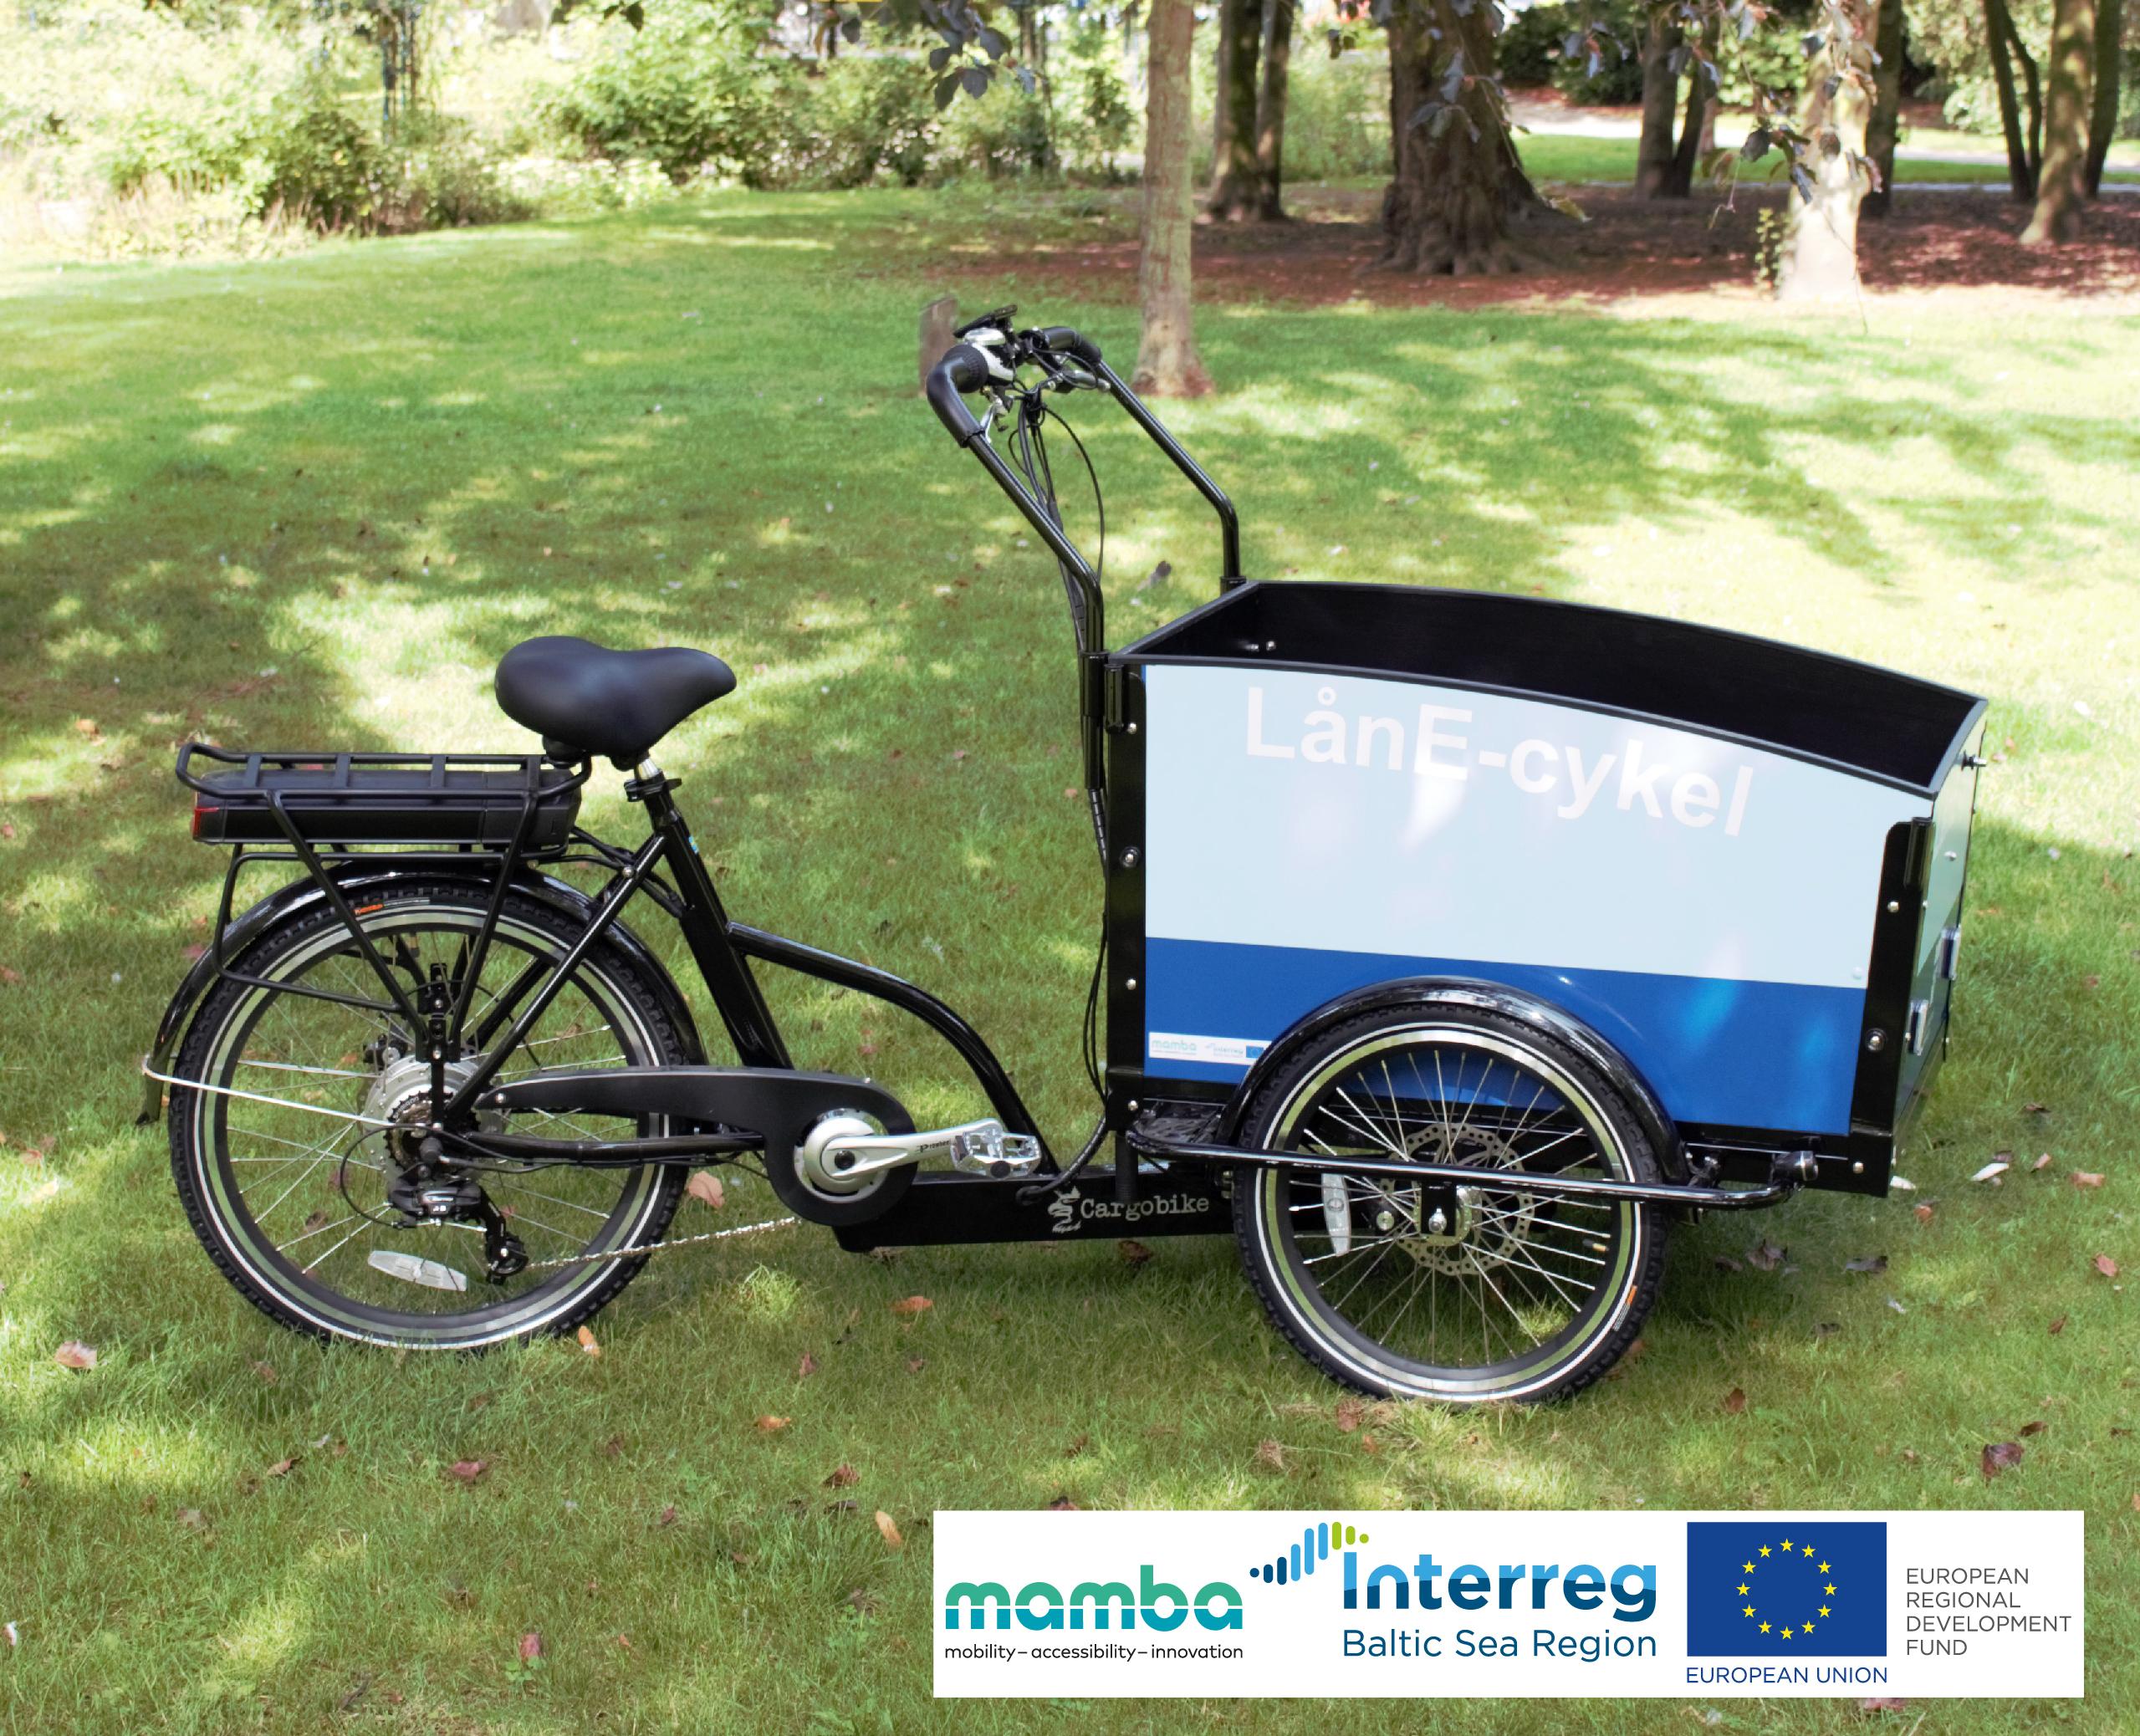 LånE-cykel - lådcykeln med elektrisk hjälpmotor